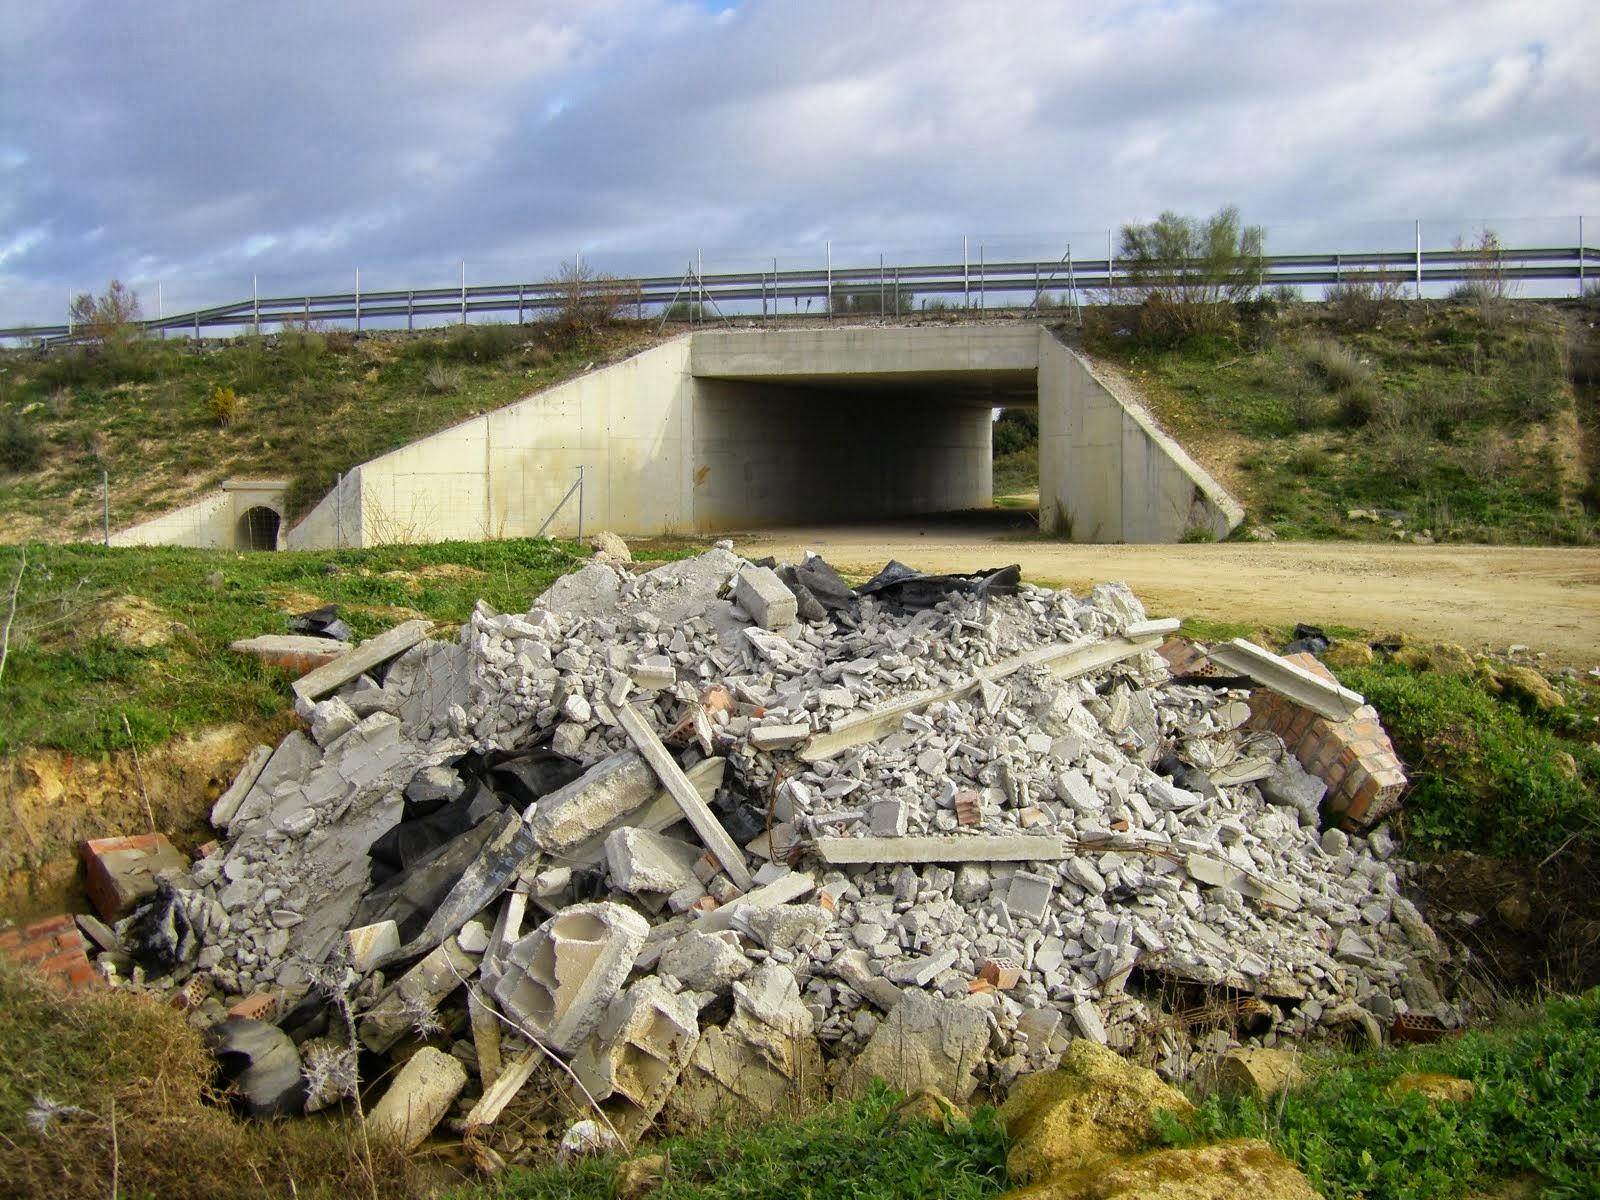 FOTO DENUNCIA: Estado de las vías pecuarias de Alcalá y el limbo de la responsabilidad política